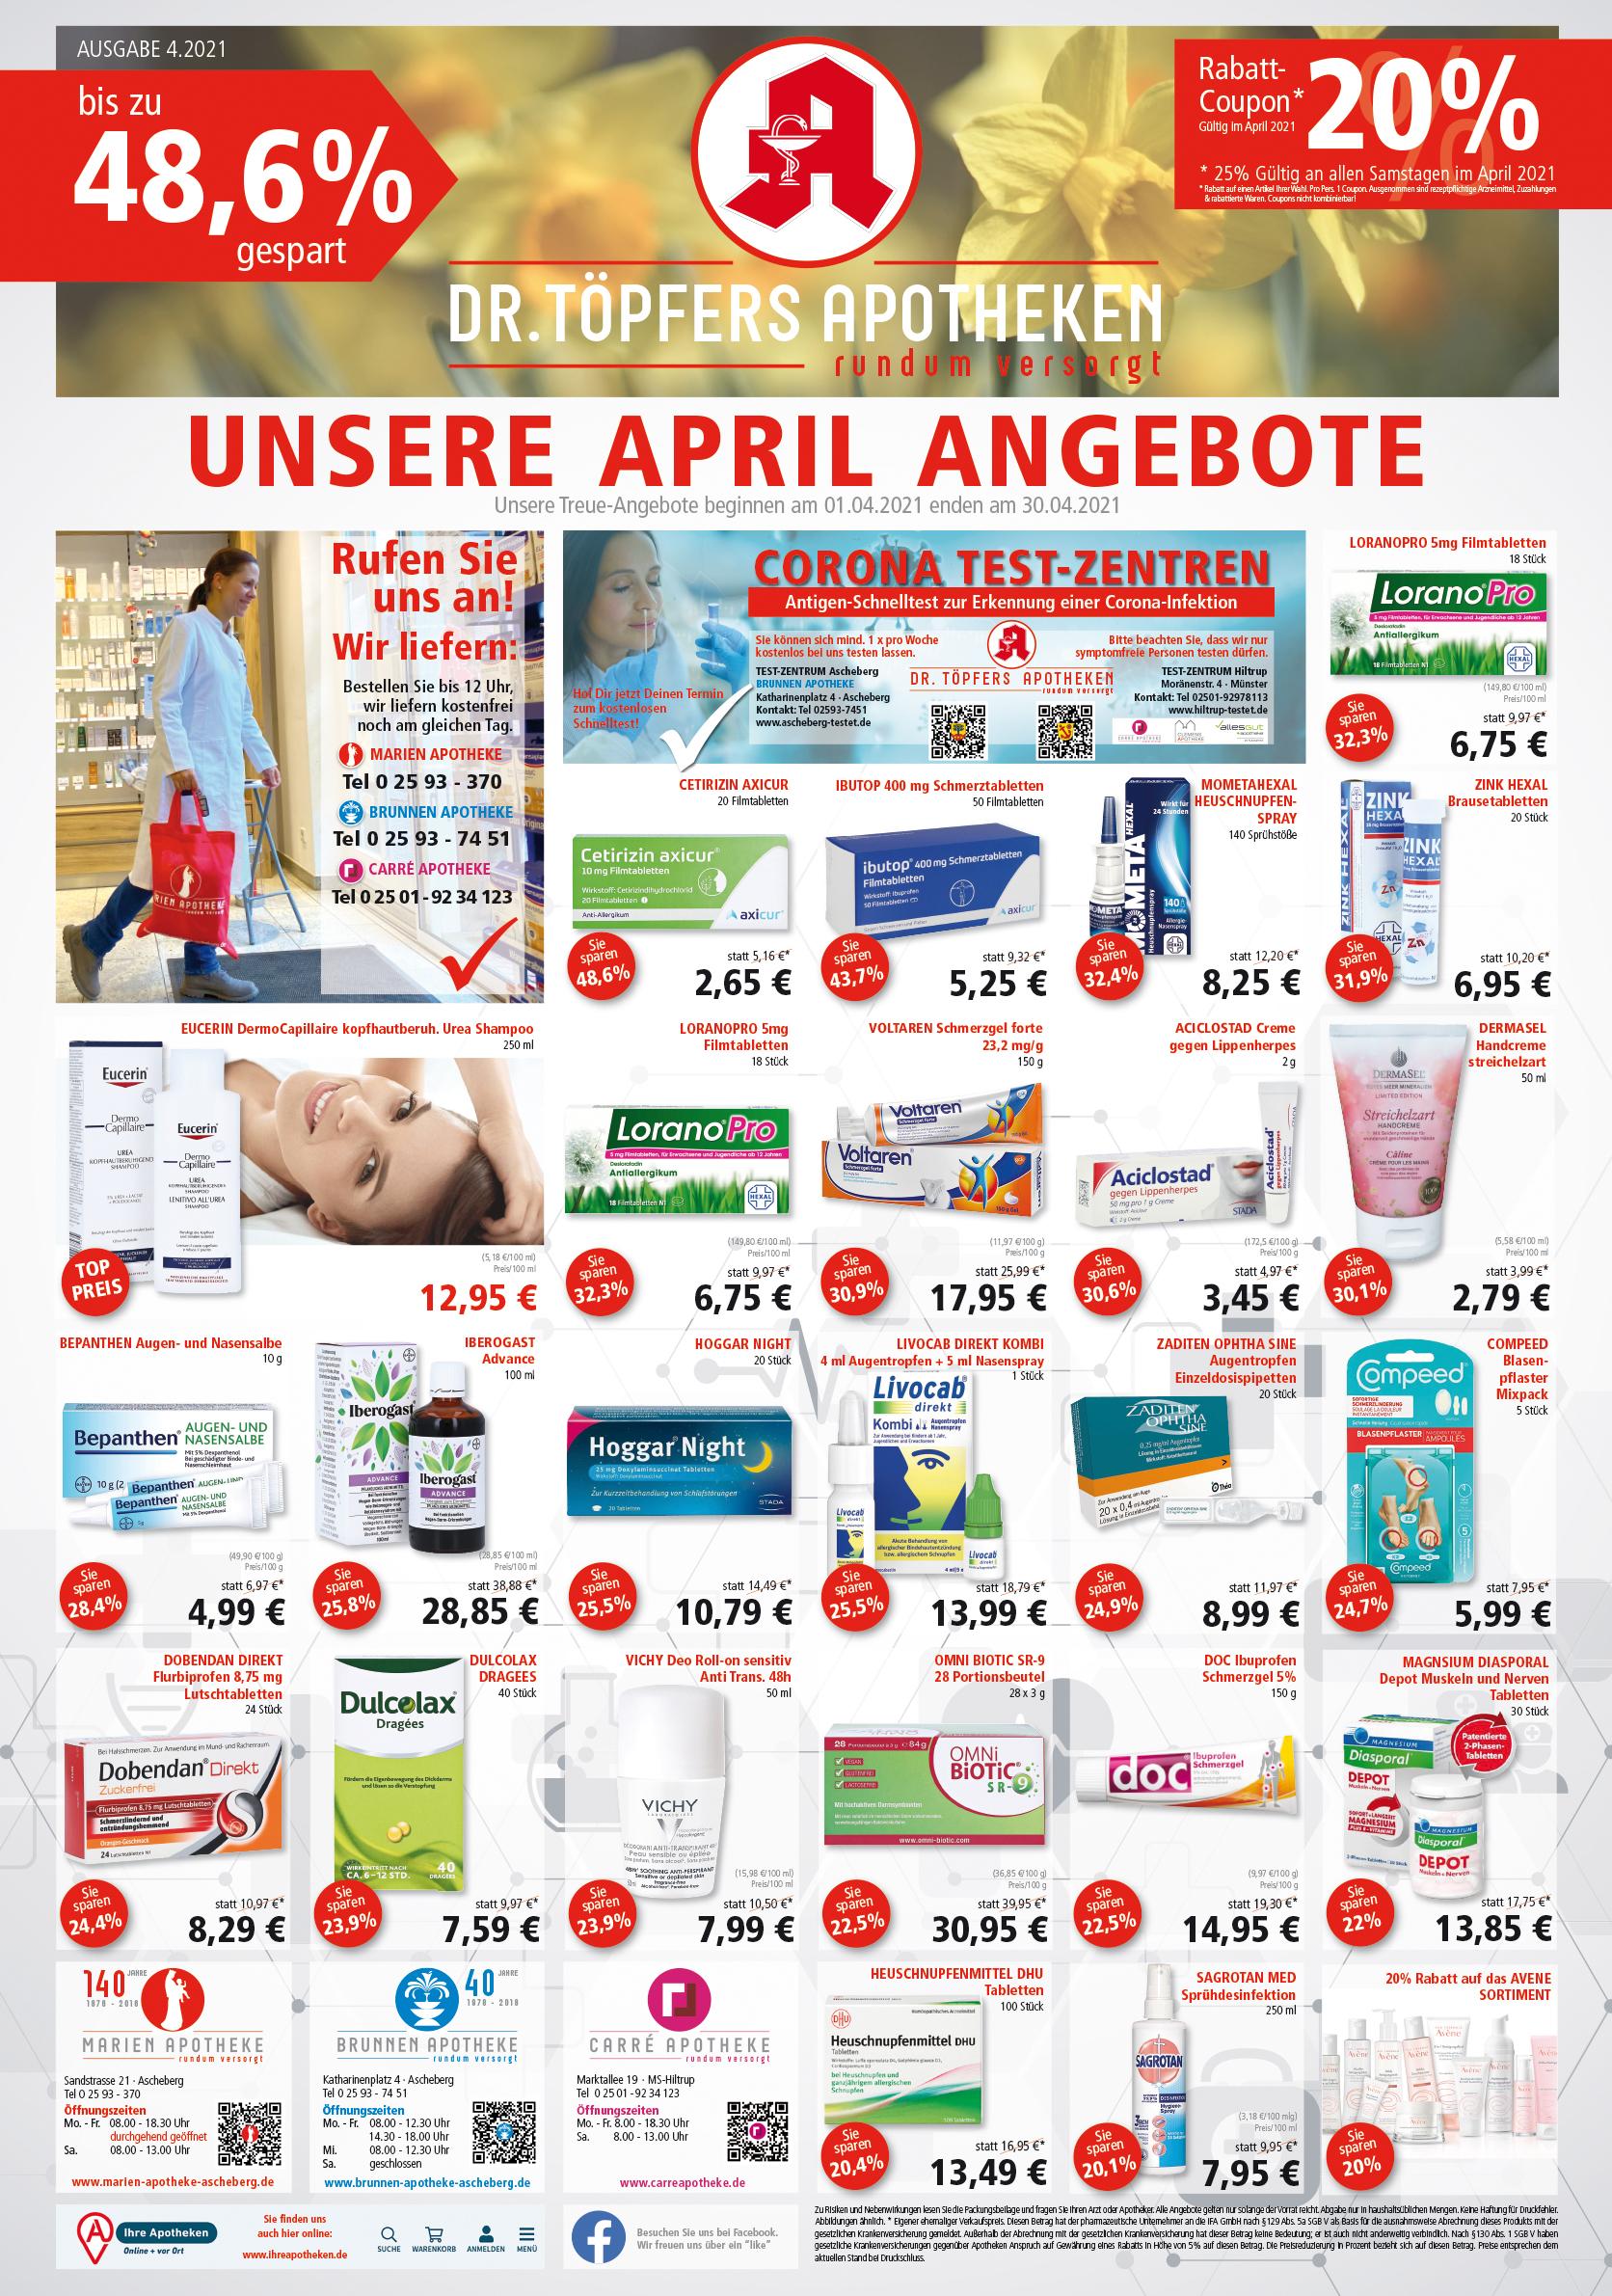 https://mein-uploads.apocdn.net/13781/leaflets/A1_April2021.jpg